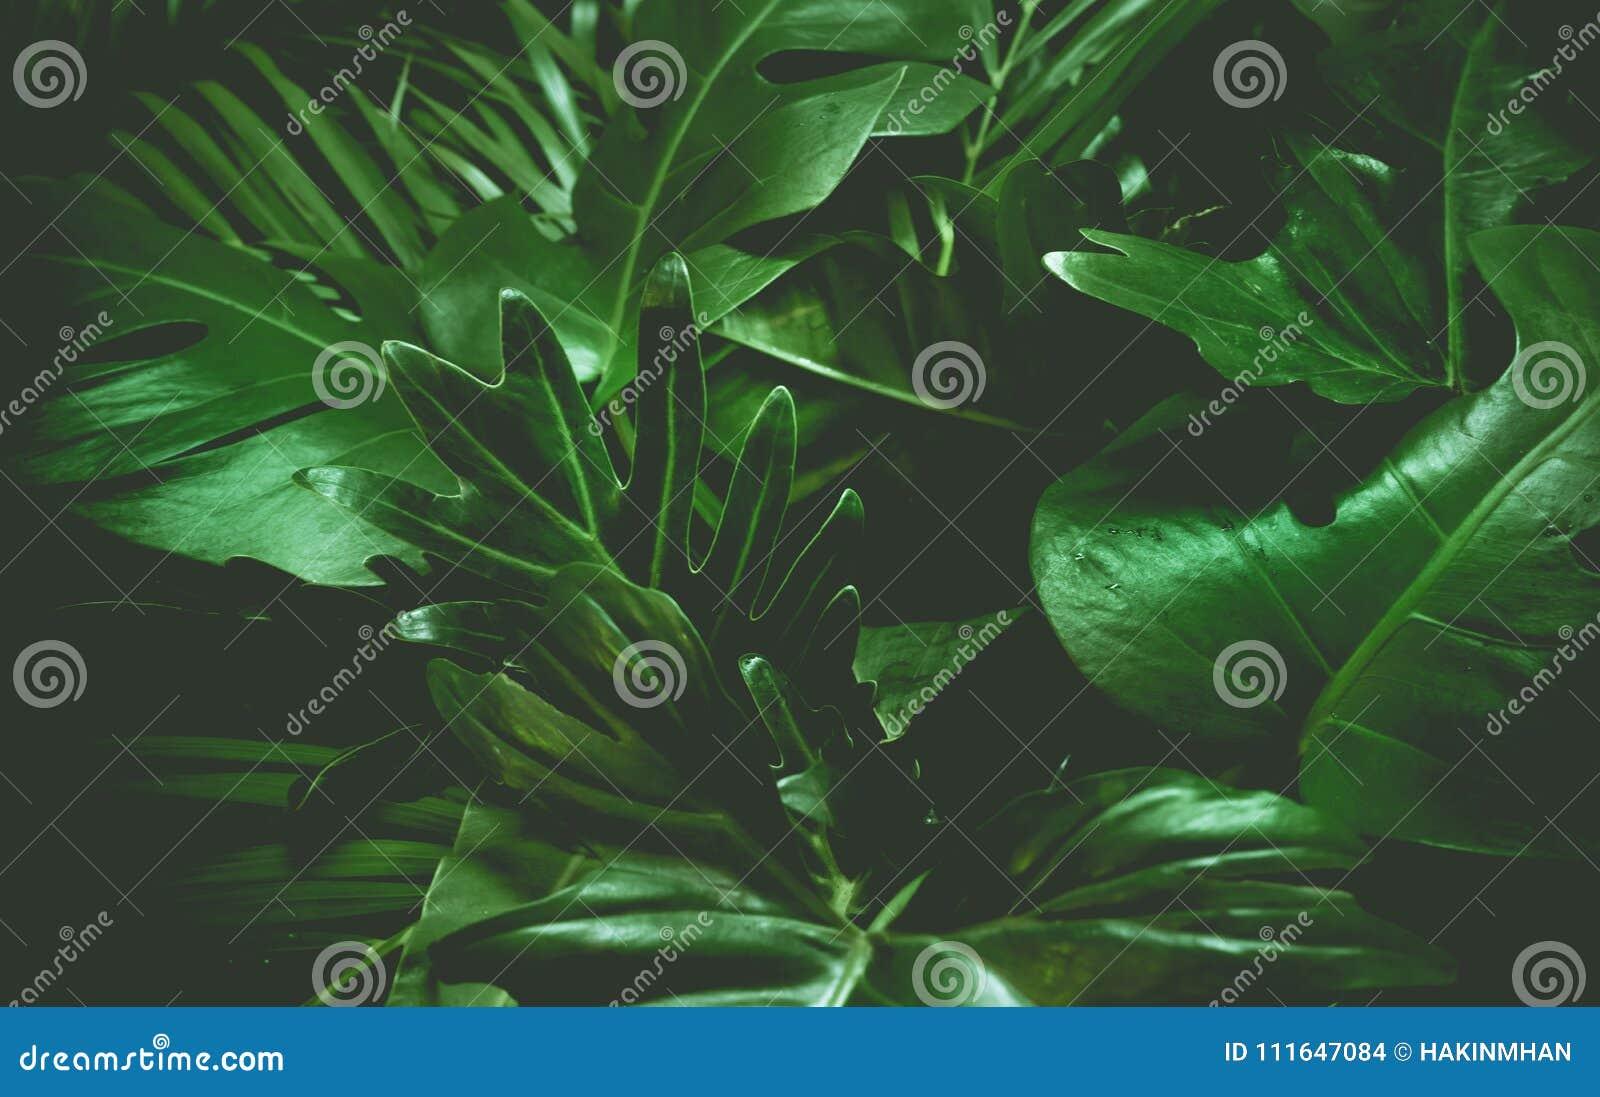 绿色背景概念 热带棕榈叶,密林叶子